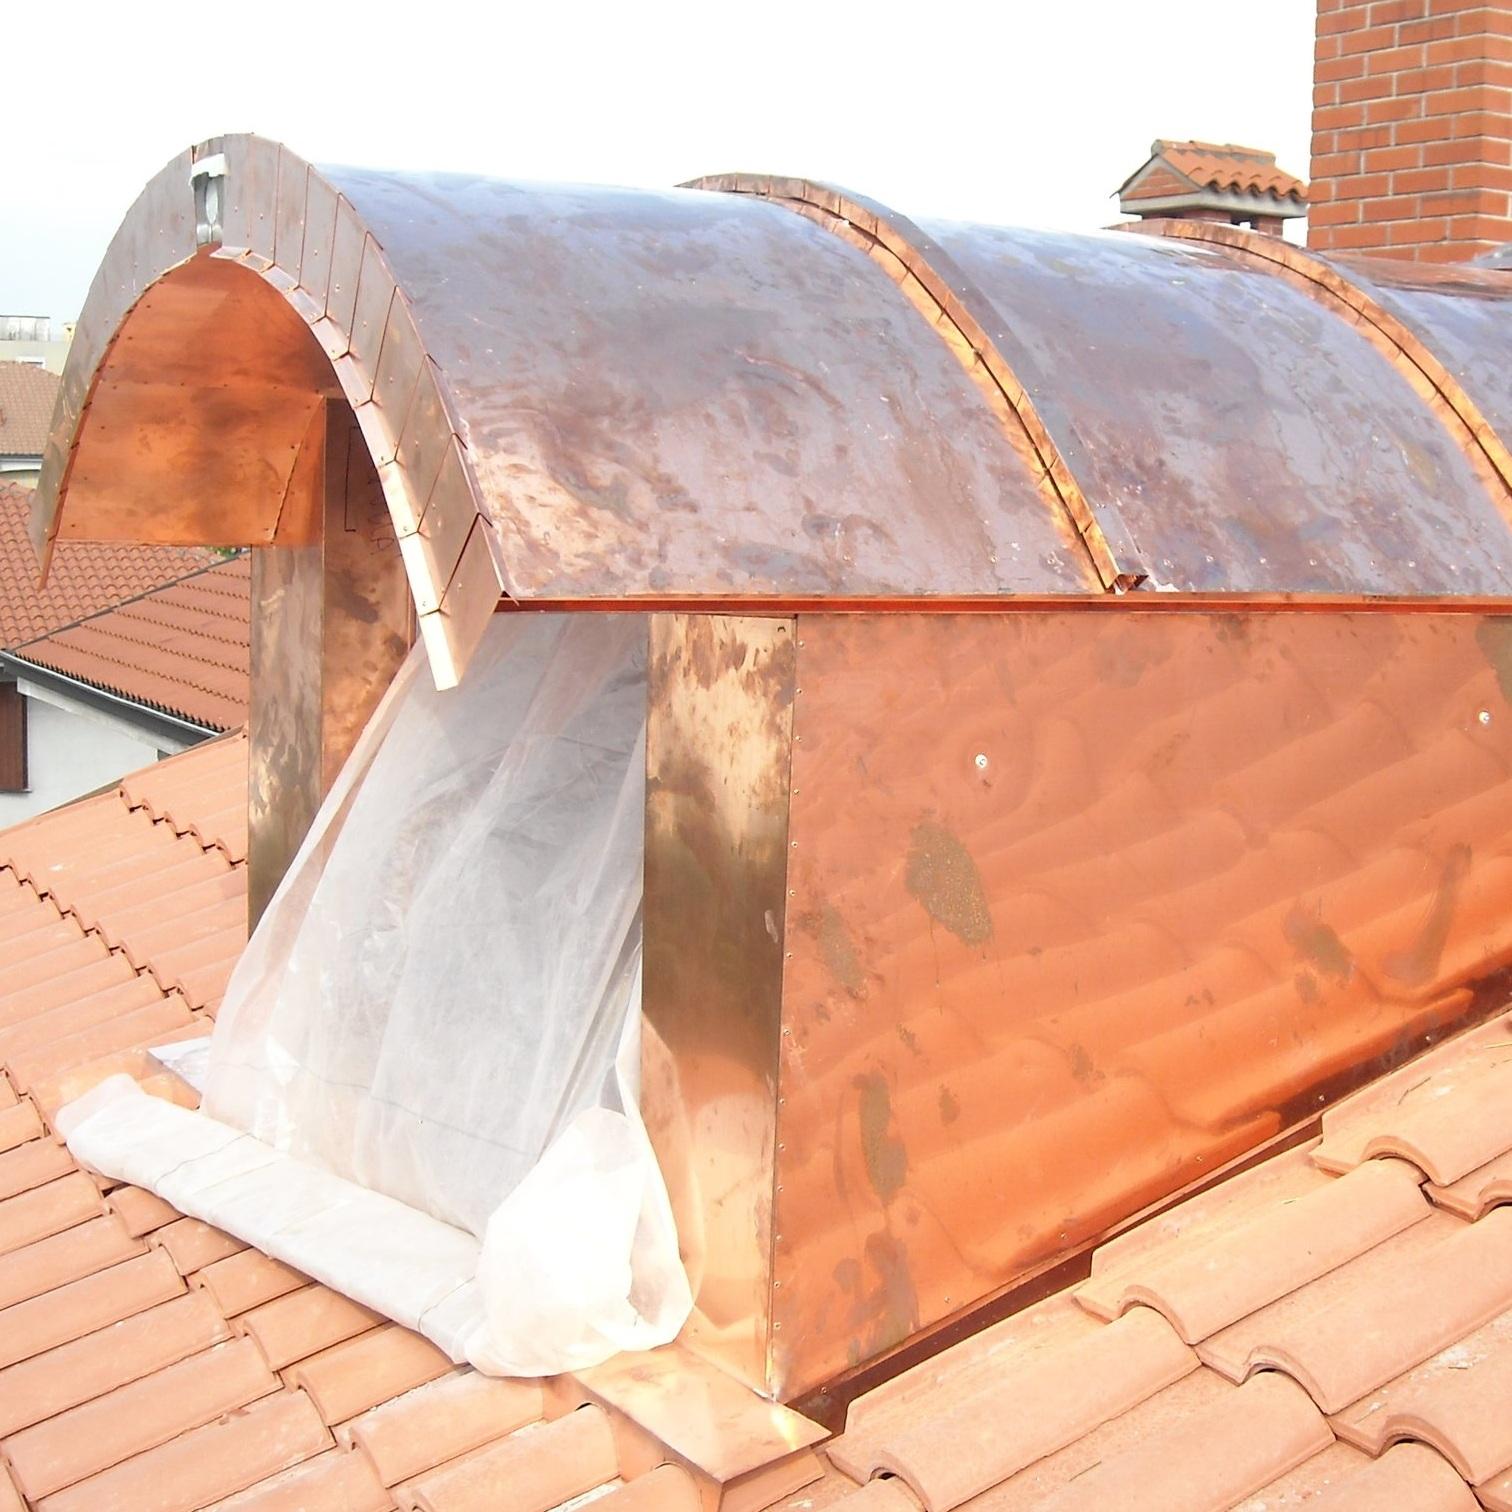 MANUTENZIONE - Eseguiamo manutenzioni del tetto e della lattoneria in generale.